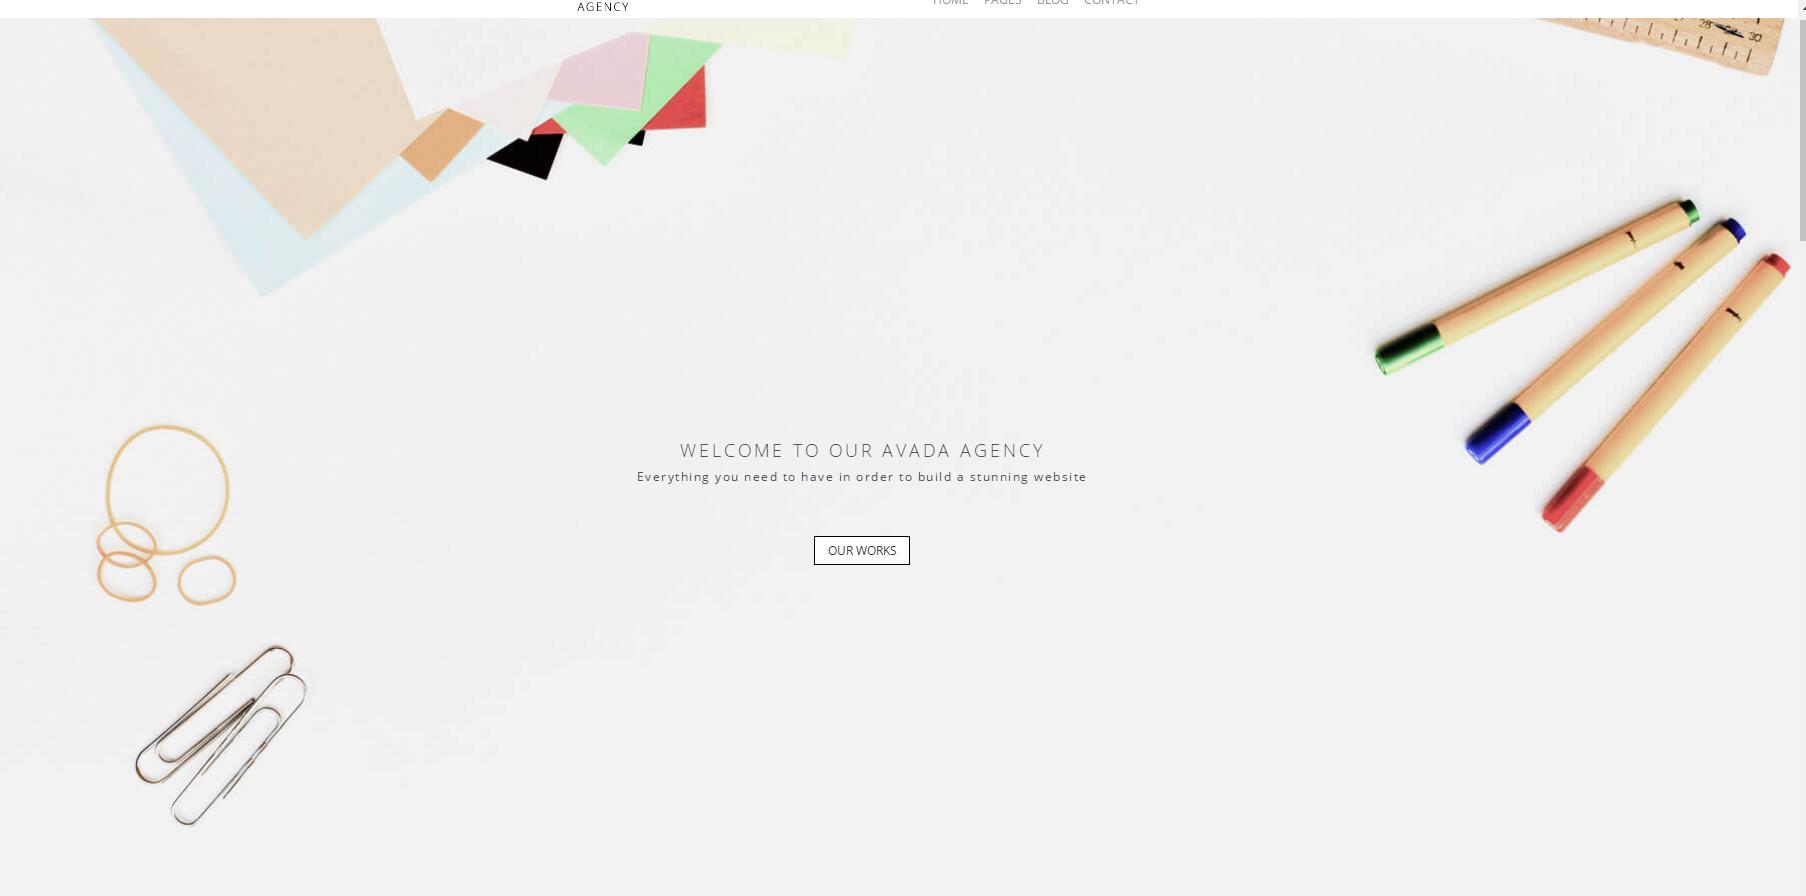 极简艺术设计4A广告公司企业模板